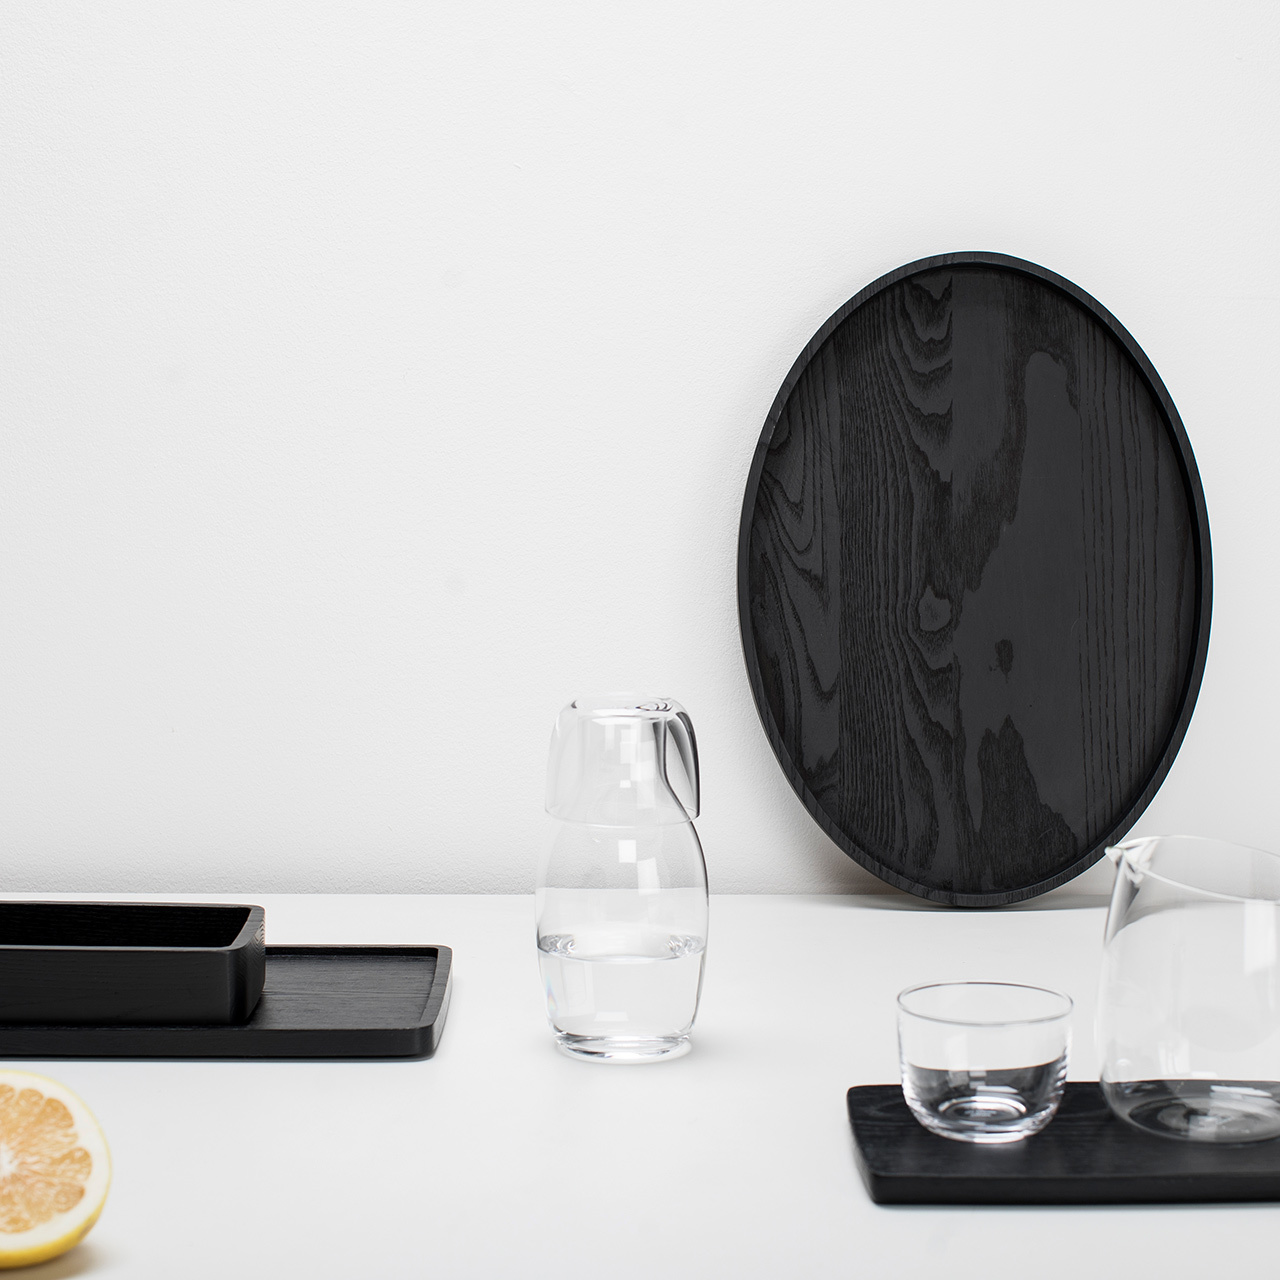 Trinkglas von Vincent Van Duysen